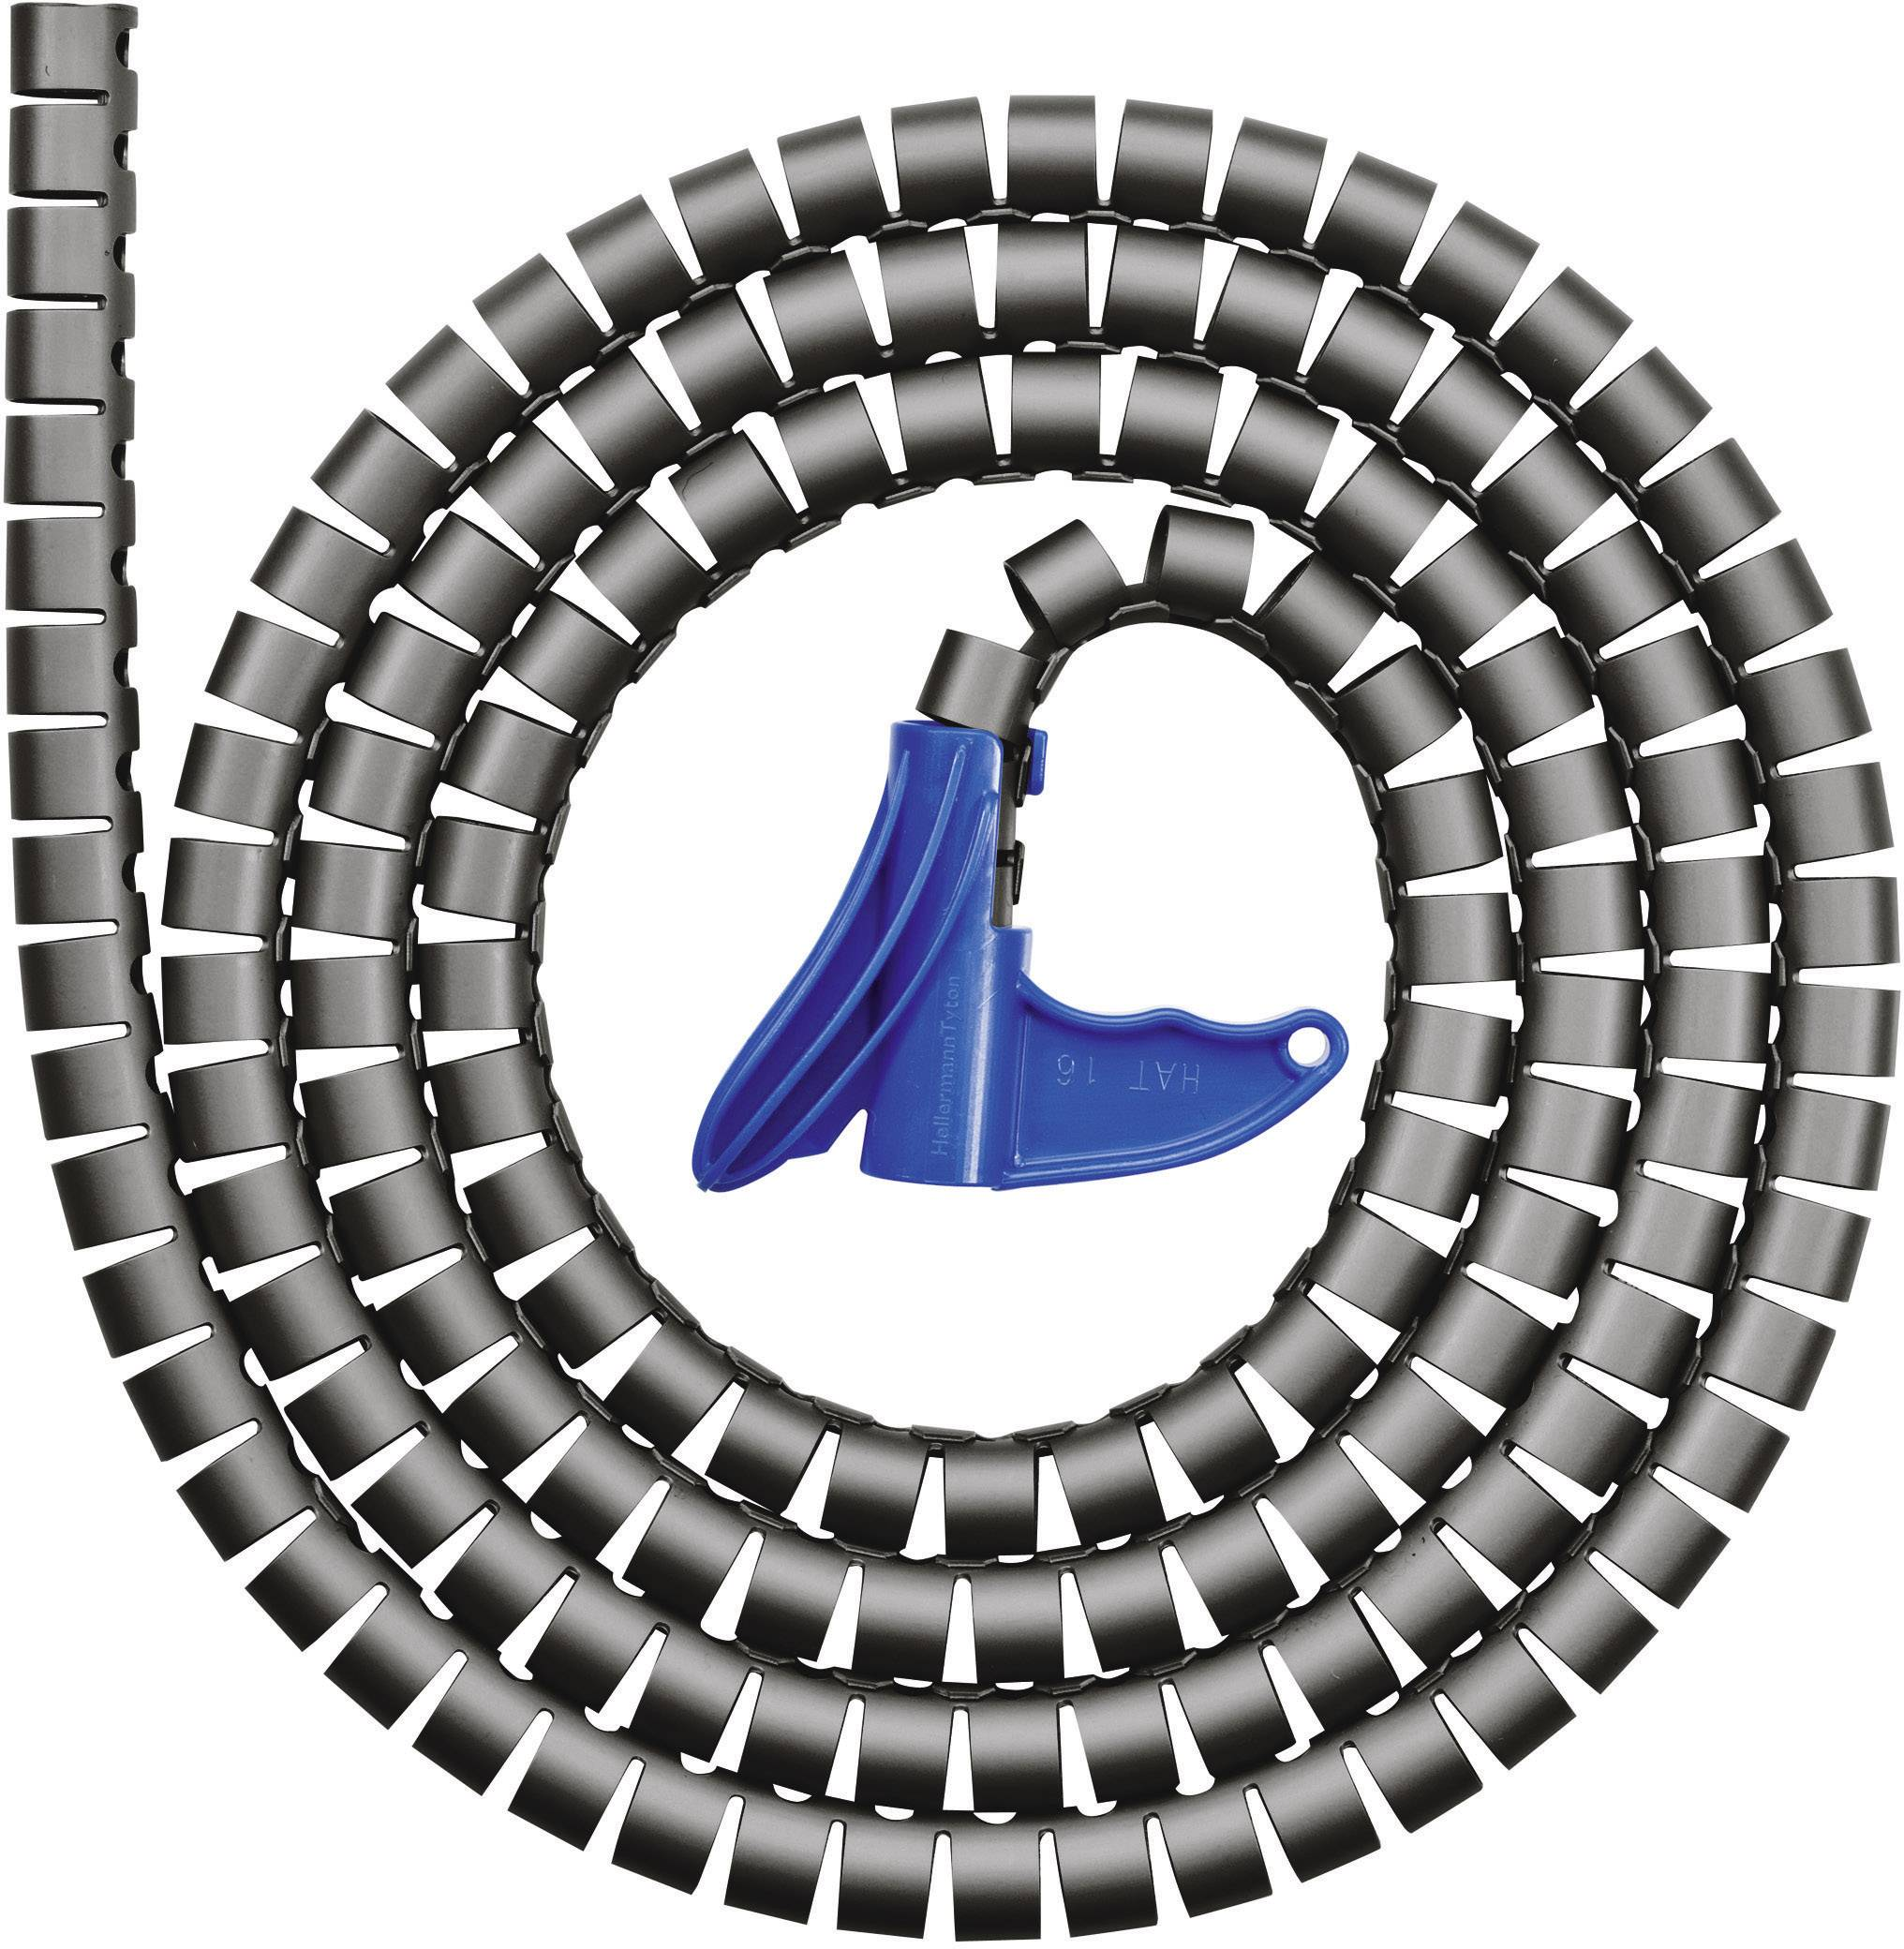 Organizér kabelů HellermannTyton HWPP-25MM-PP-BK-Q1 (161-64401), 1.05 mm, 27 mm, černá